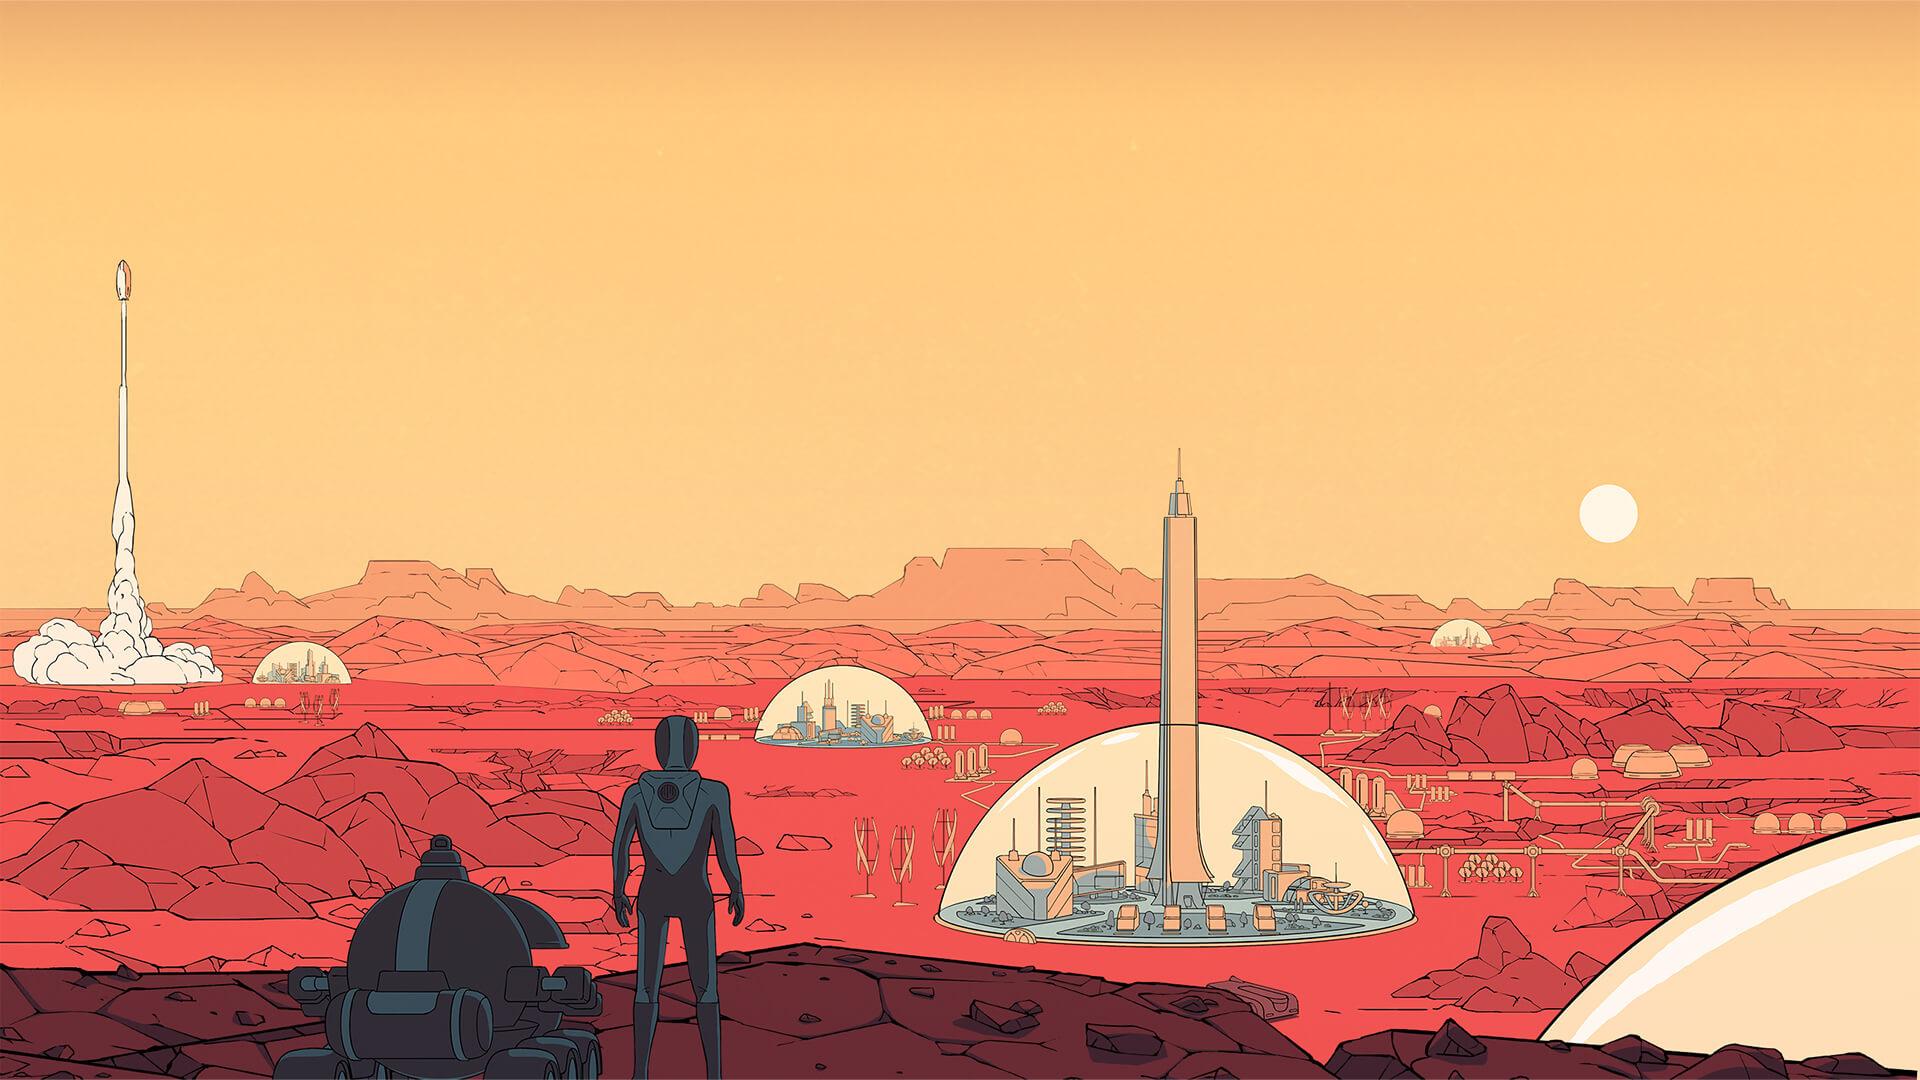 [PC] Surviving Mars - Besiedle den Mars und entdecke mit minimalen Verlusten seine Geheimnisse.